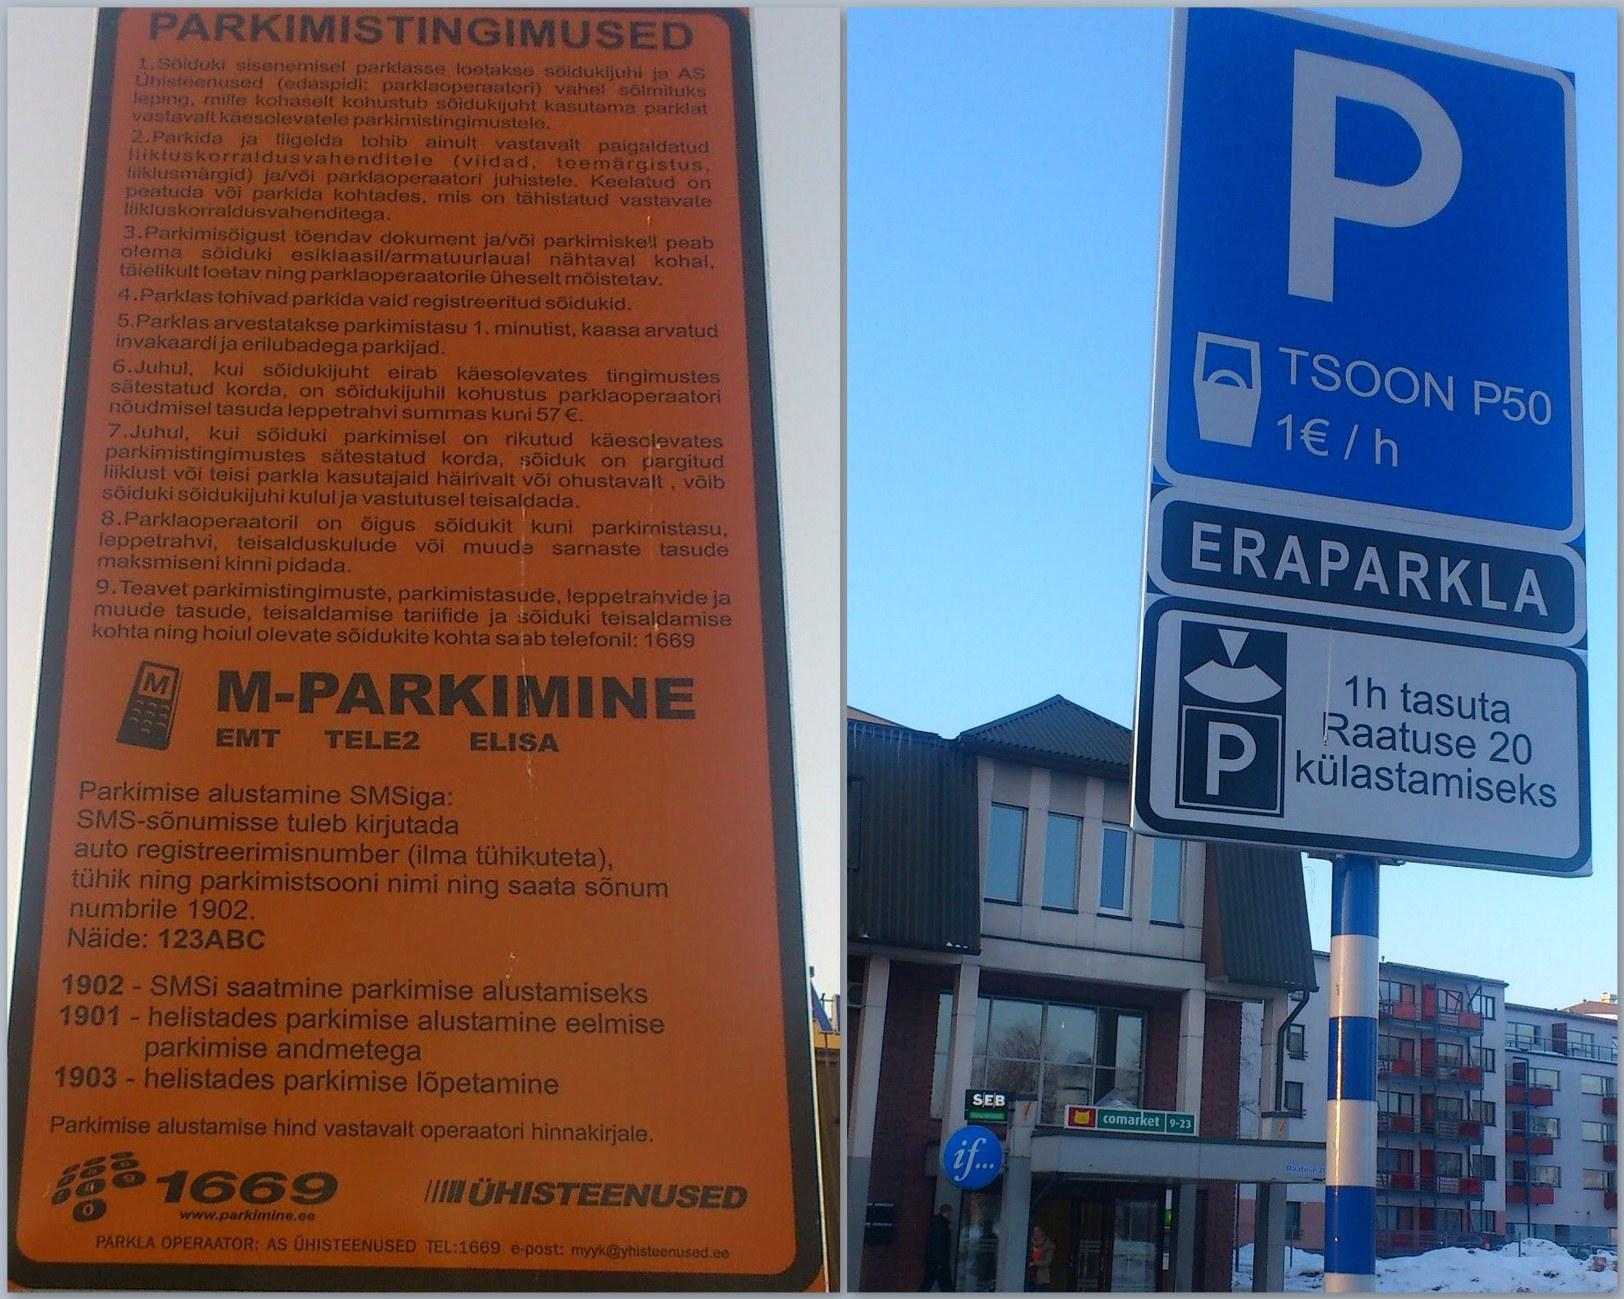 Raatuse 20 parkimine